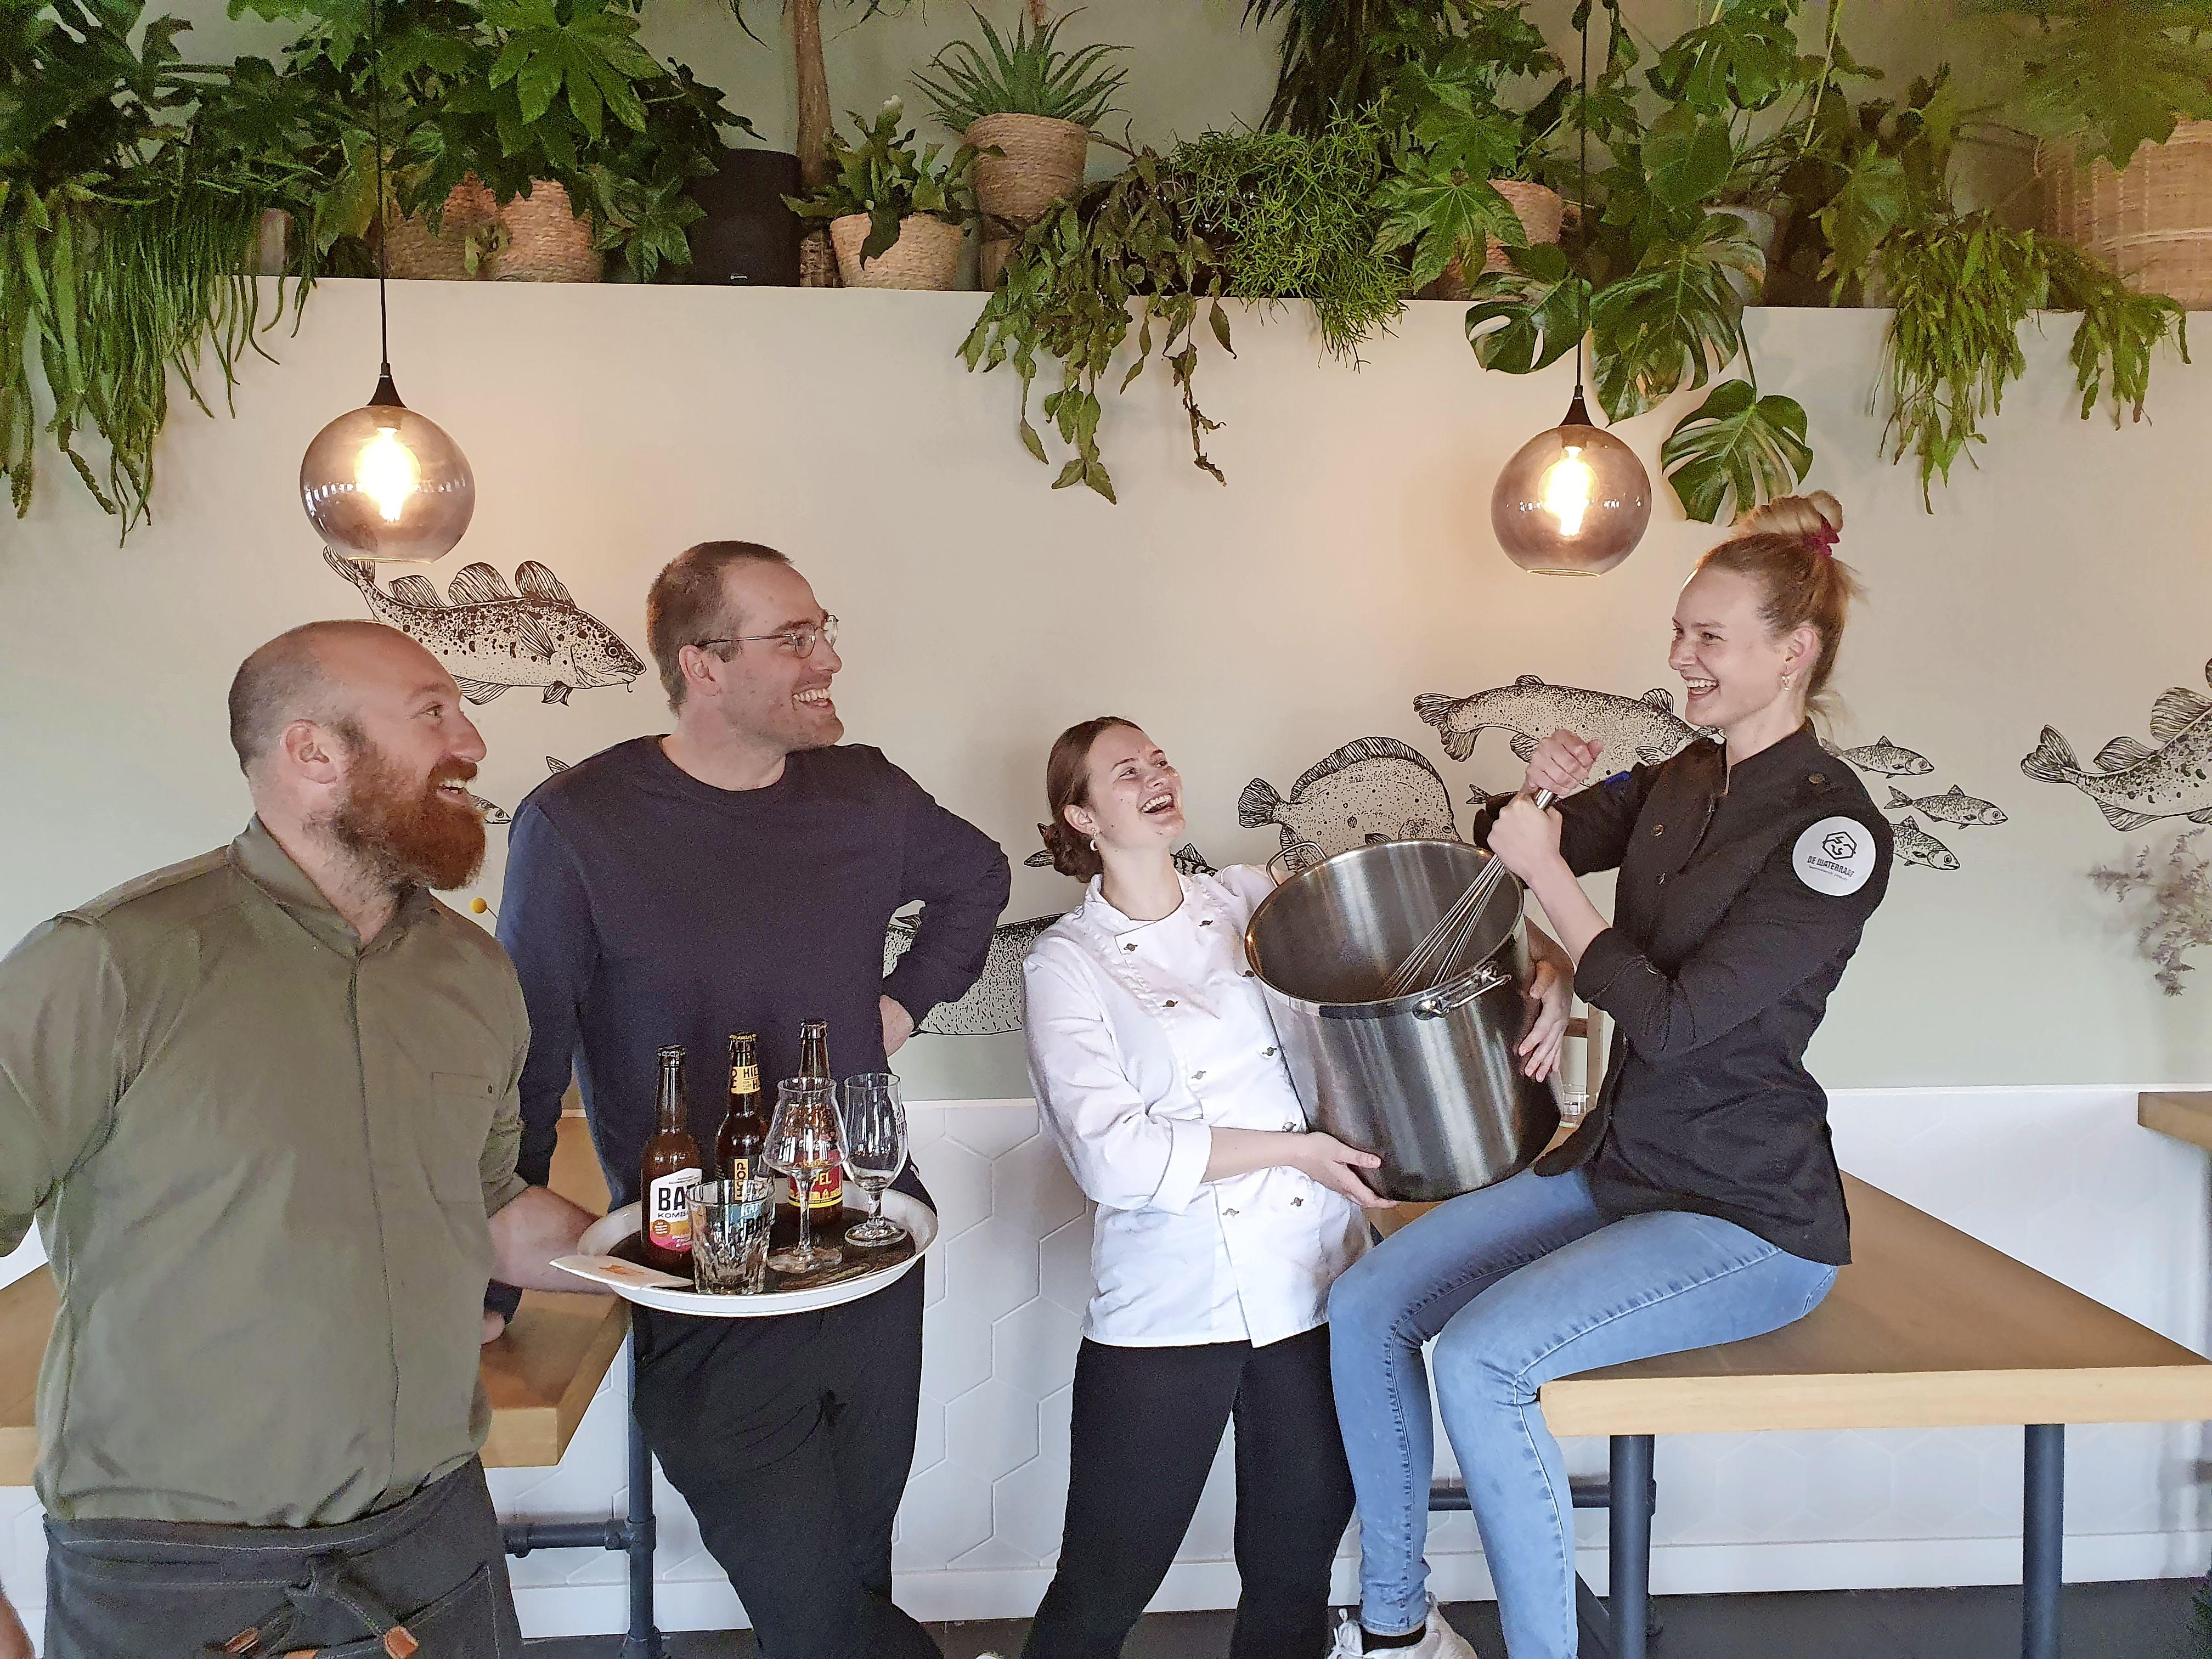 Restaurant De Waterraaf, is voor psycholoog en crowdfunder Simon Douw 'sociaal ondernemen'. 'Groene cijfers, dat is oké'